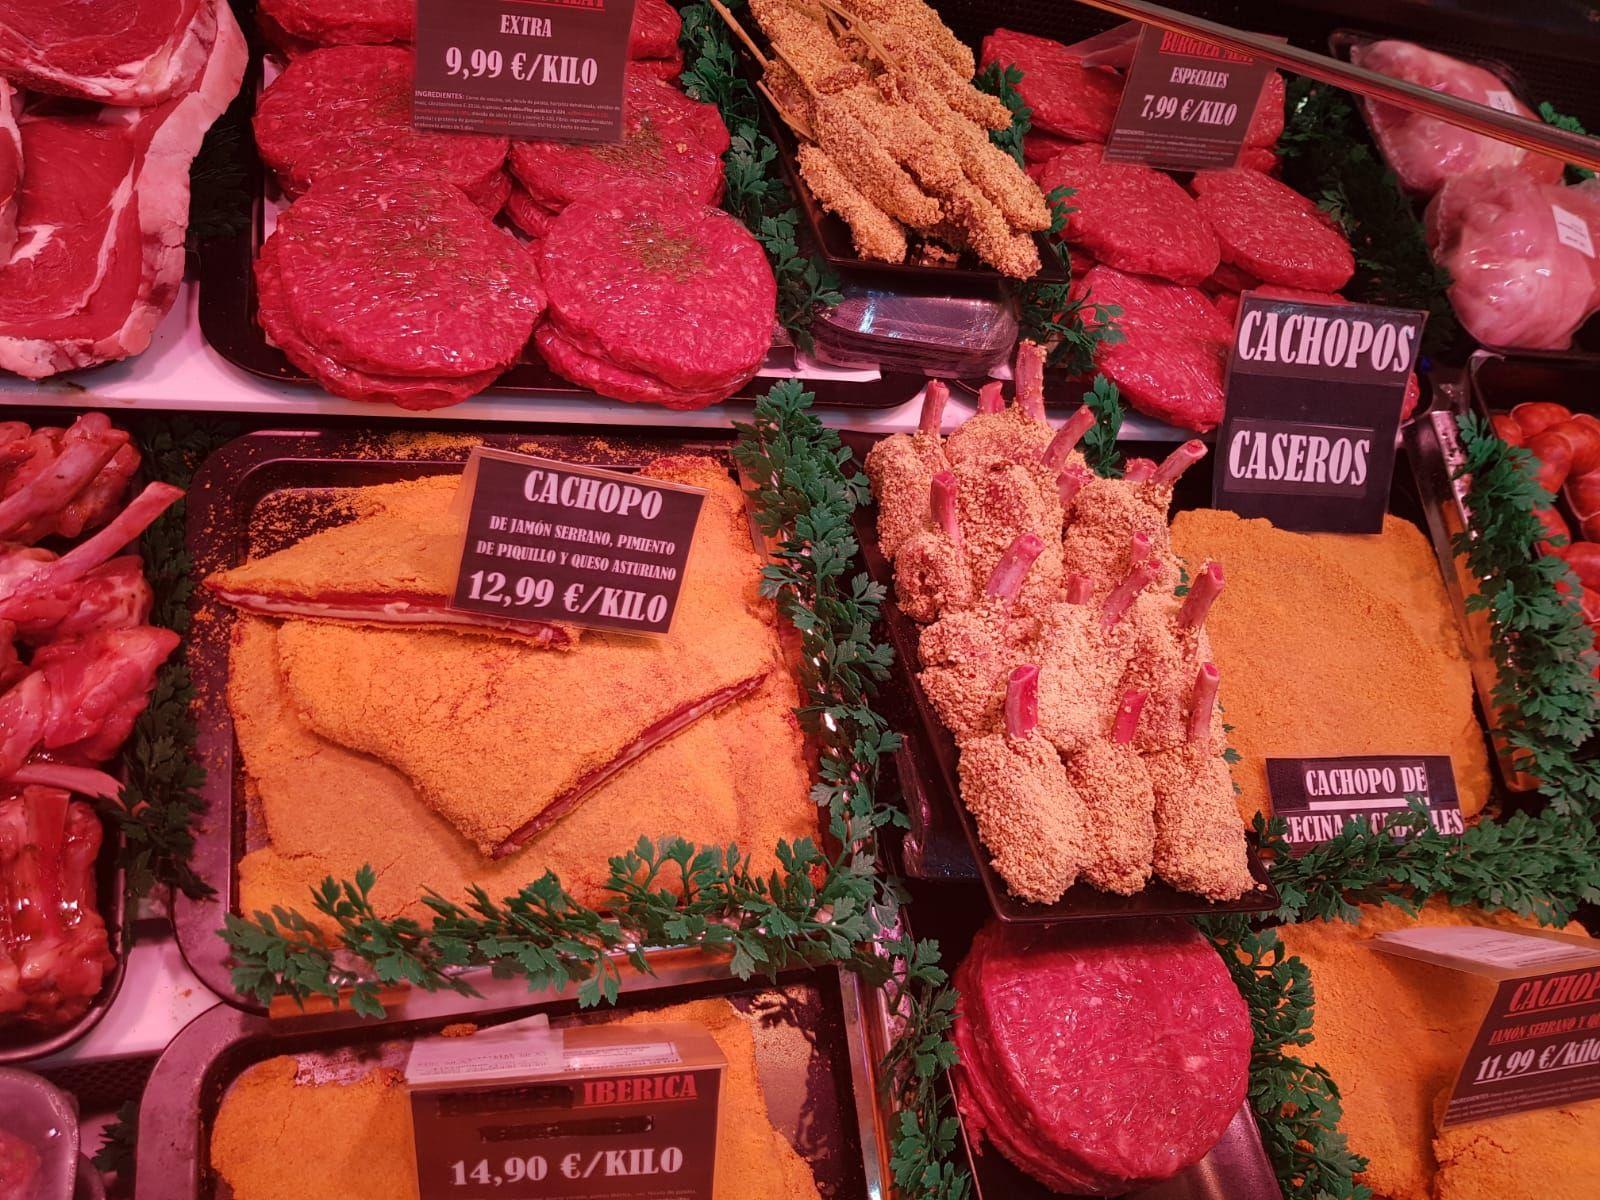 Cachopos caseros sin gluten : Productos de Carnicería La Fuente IV